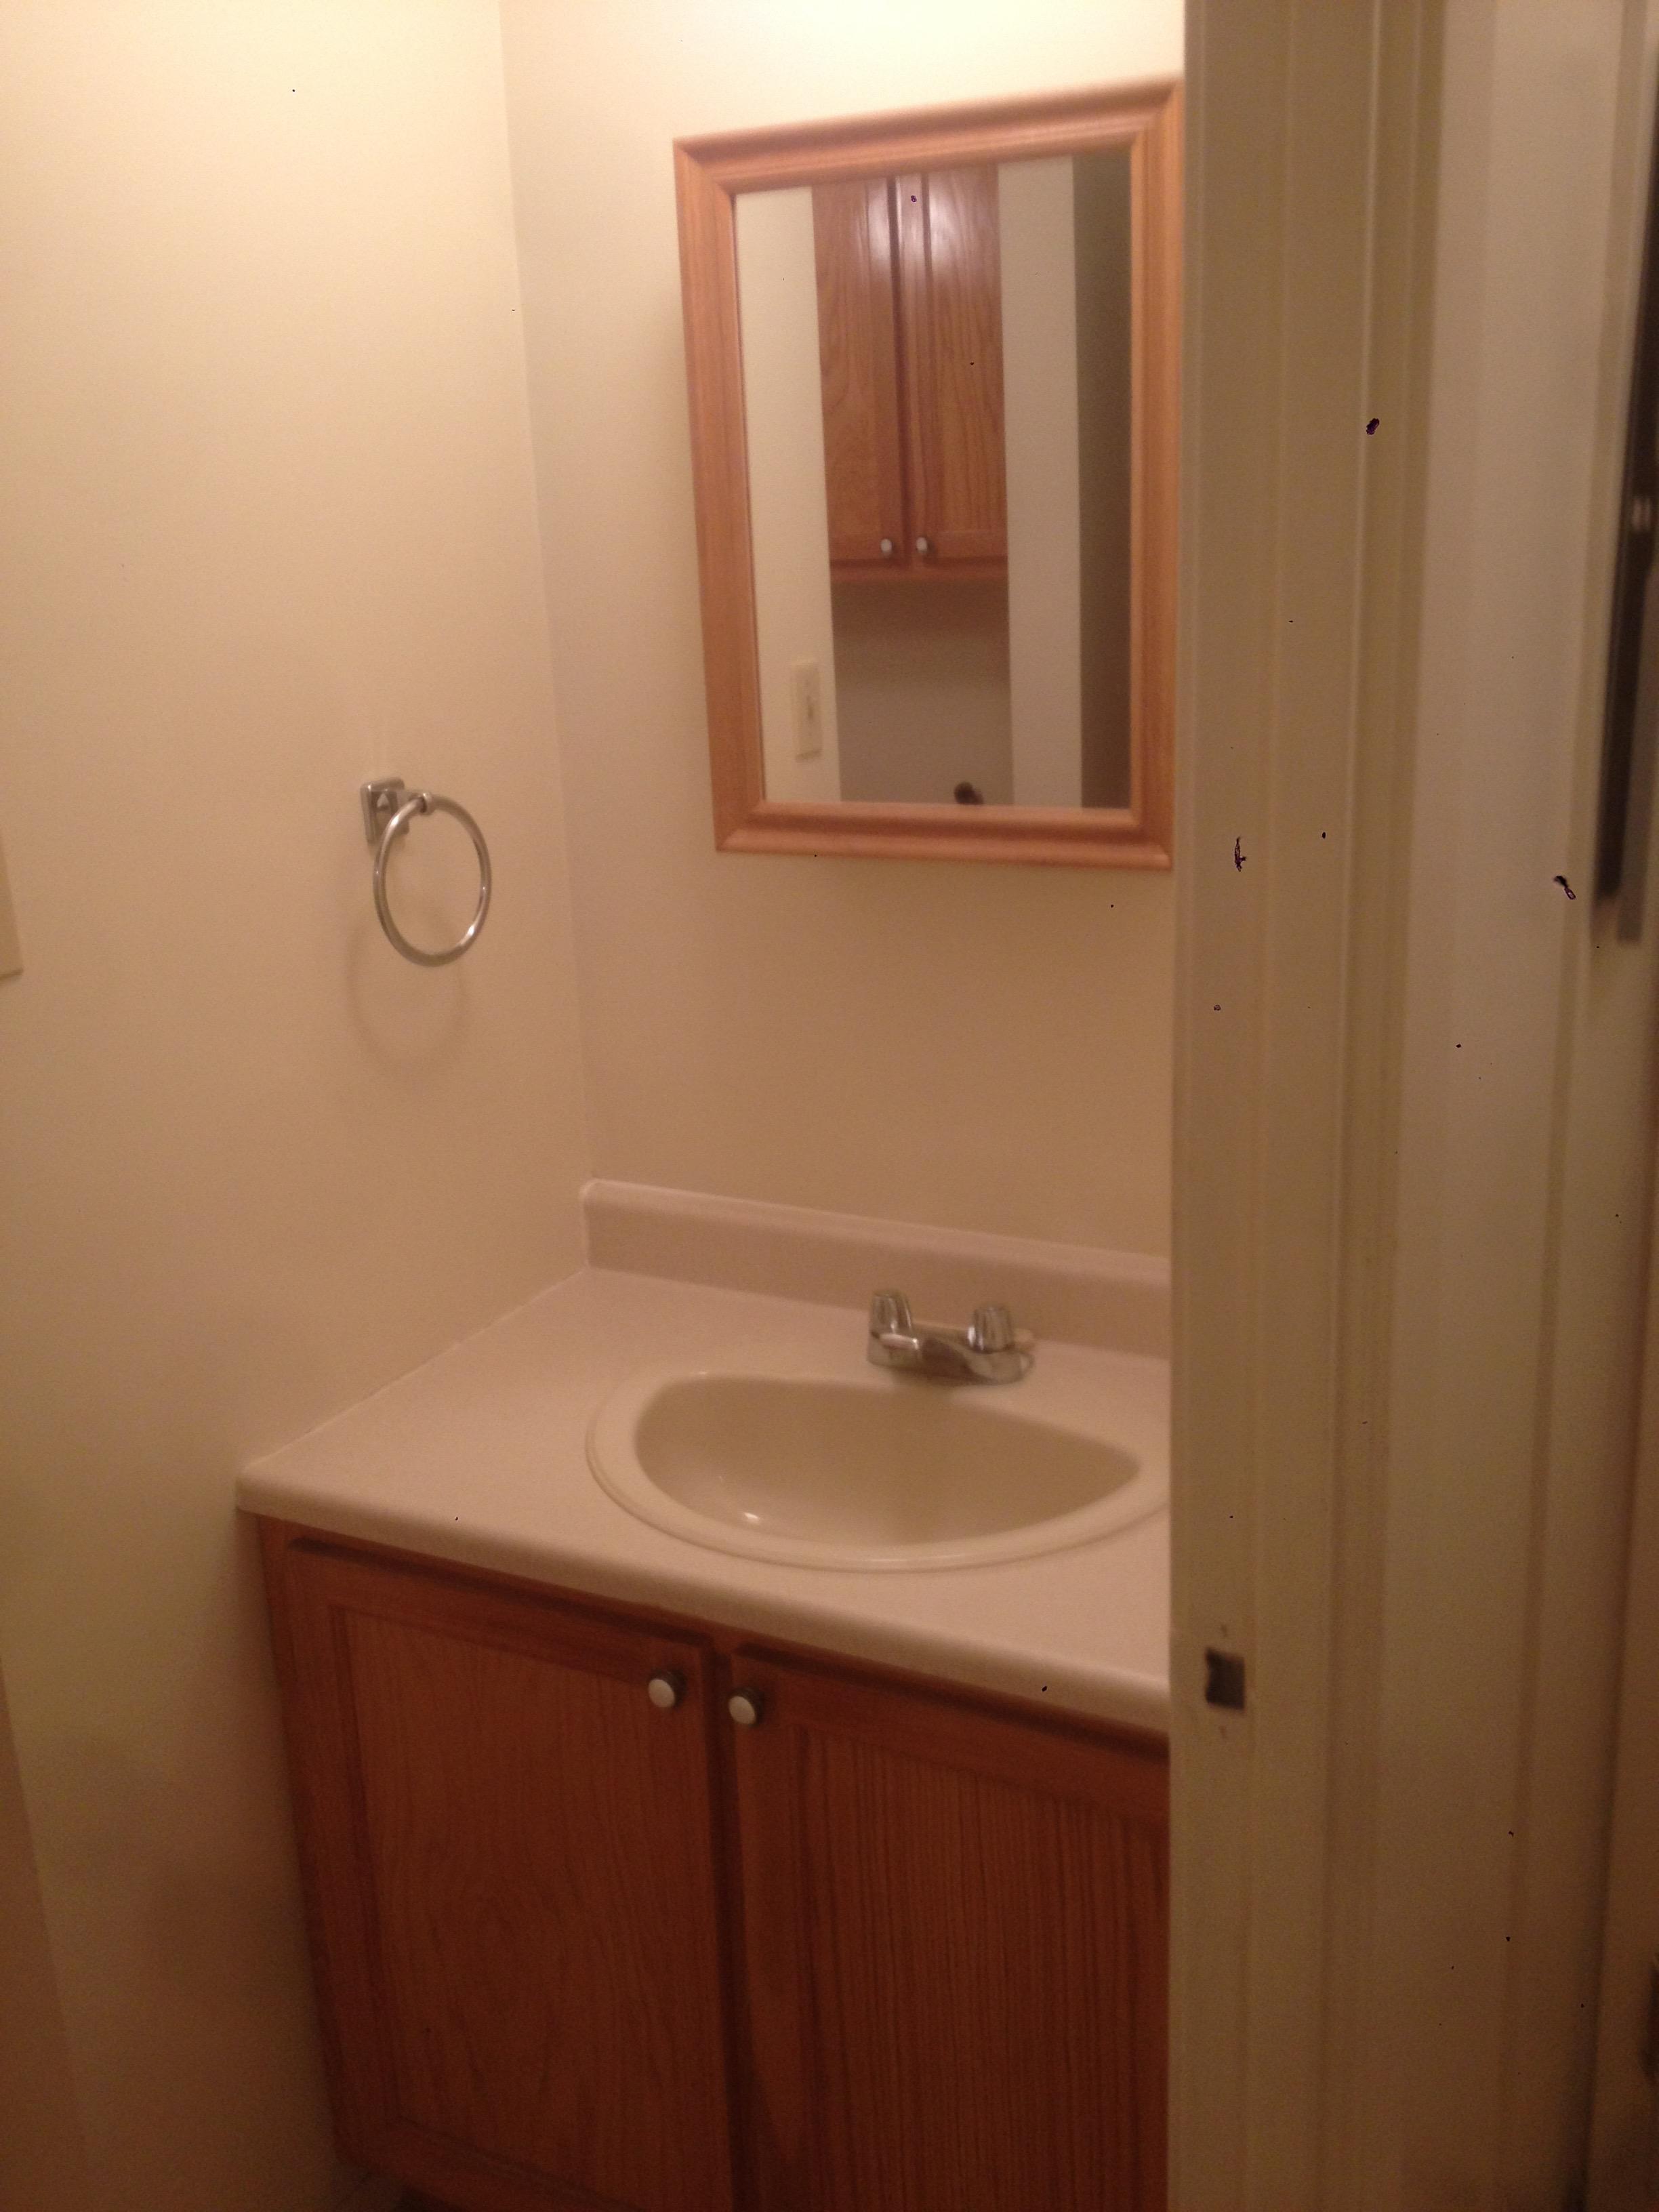 2 bedroom Apartments for rent in Sainte-Anne-de-Bellevue at Maple - Photo 04 - RentersPages – L112103